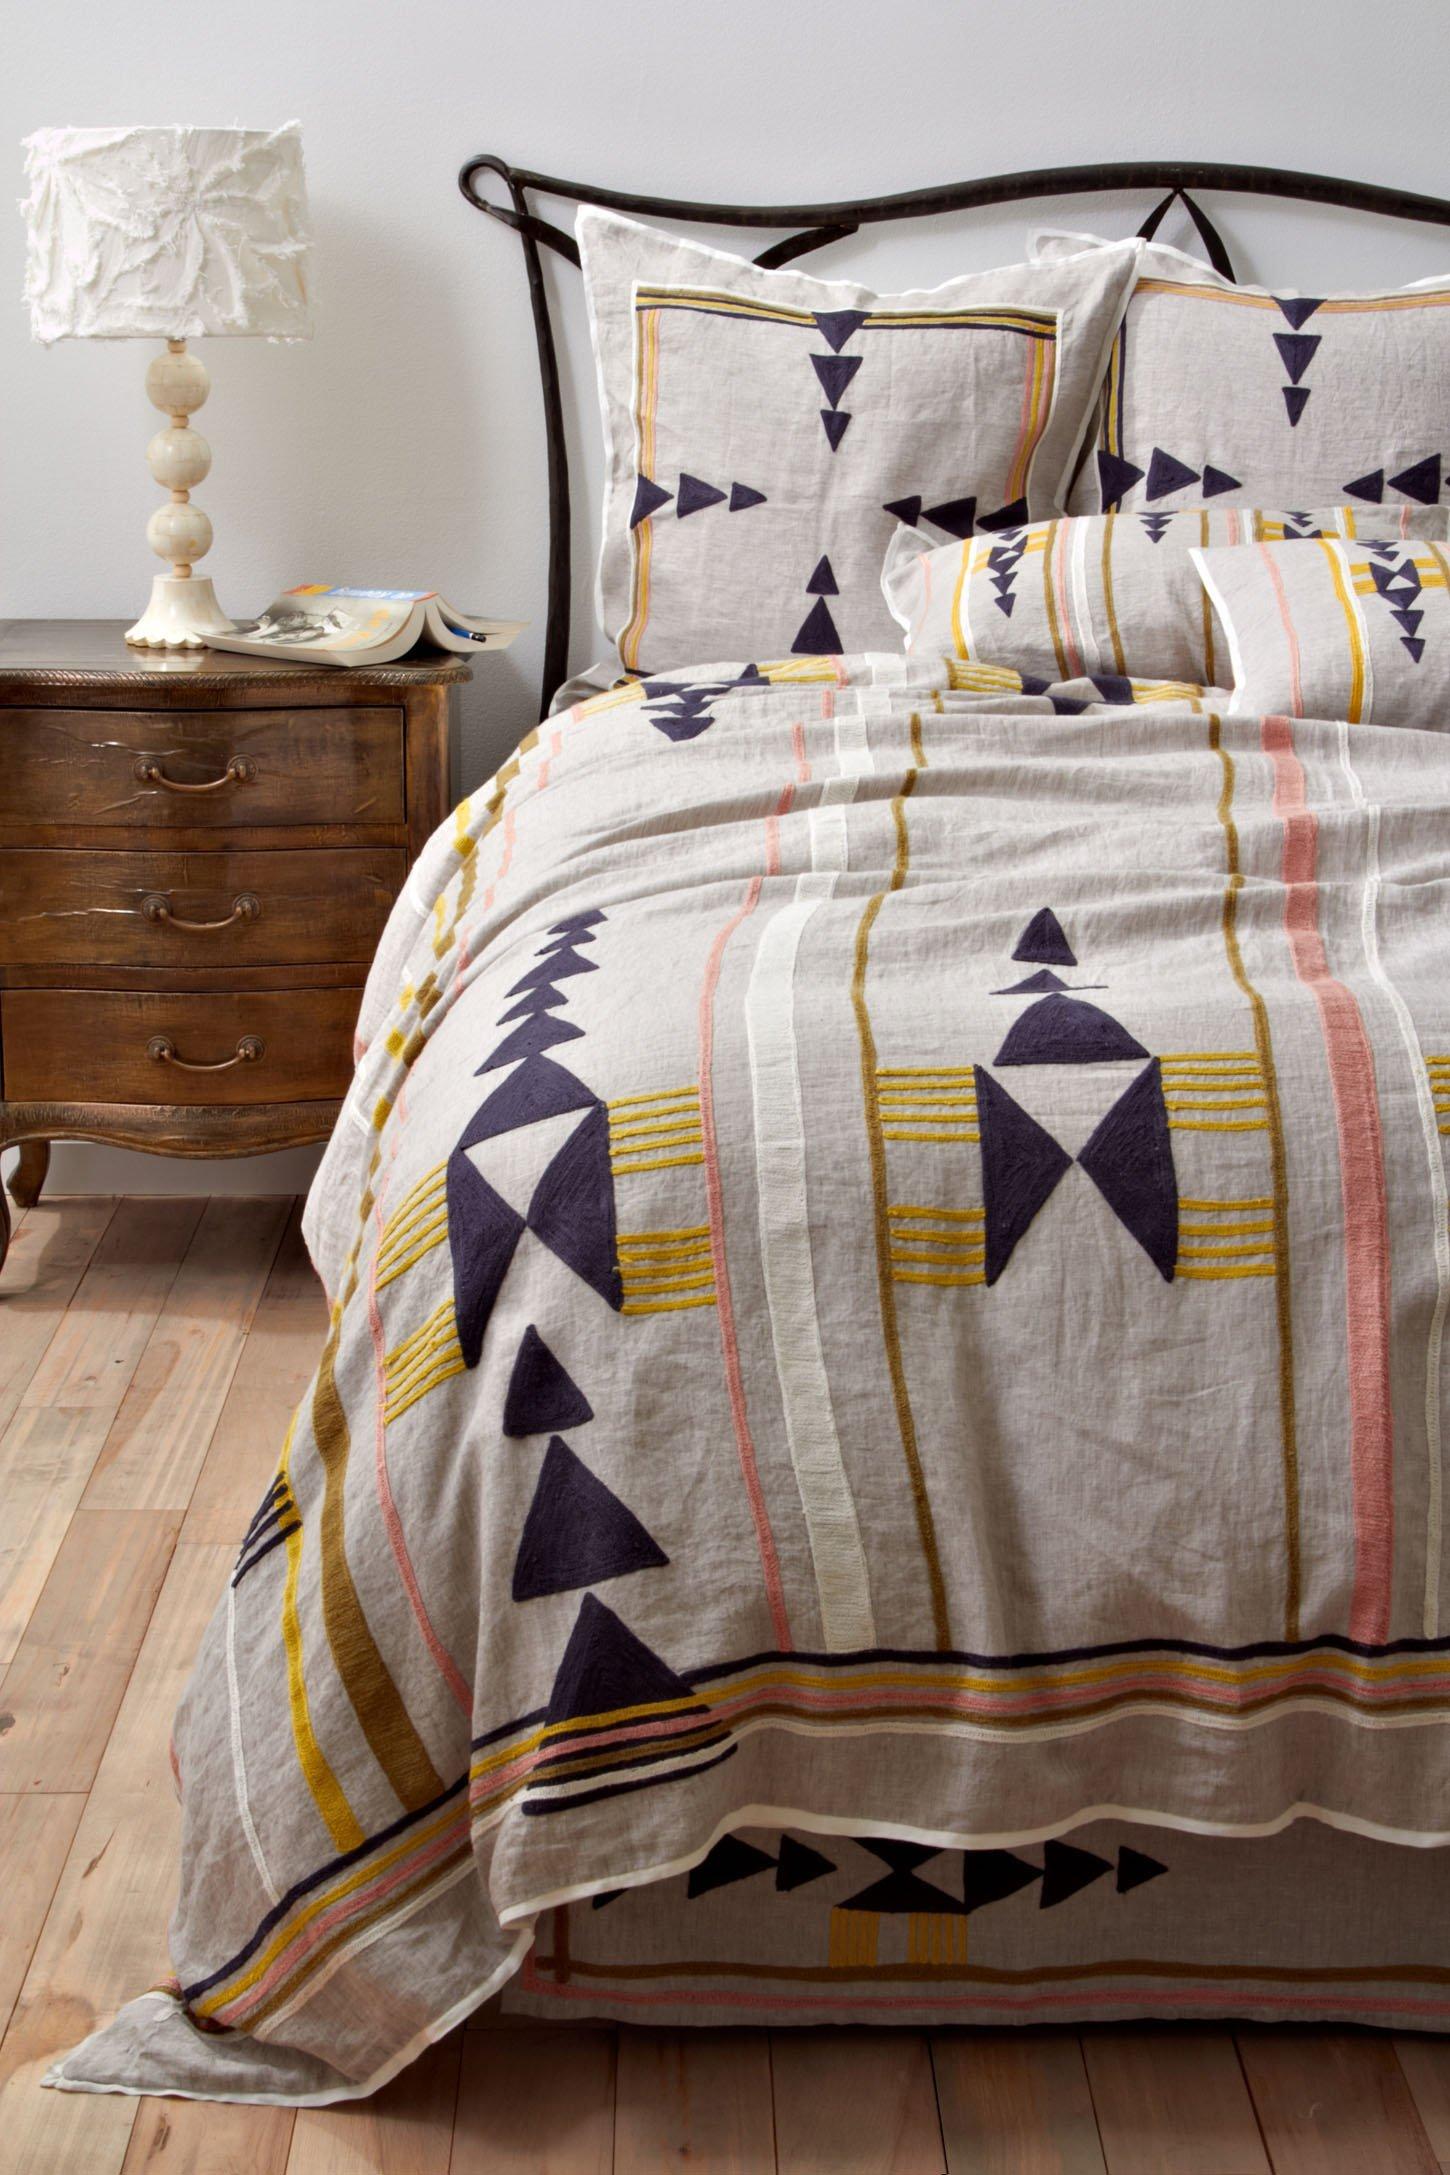 Anthropologie Bedroom: Trend Alert: Arrows In Home Decor